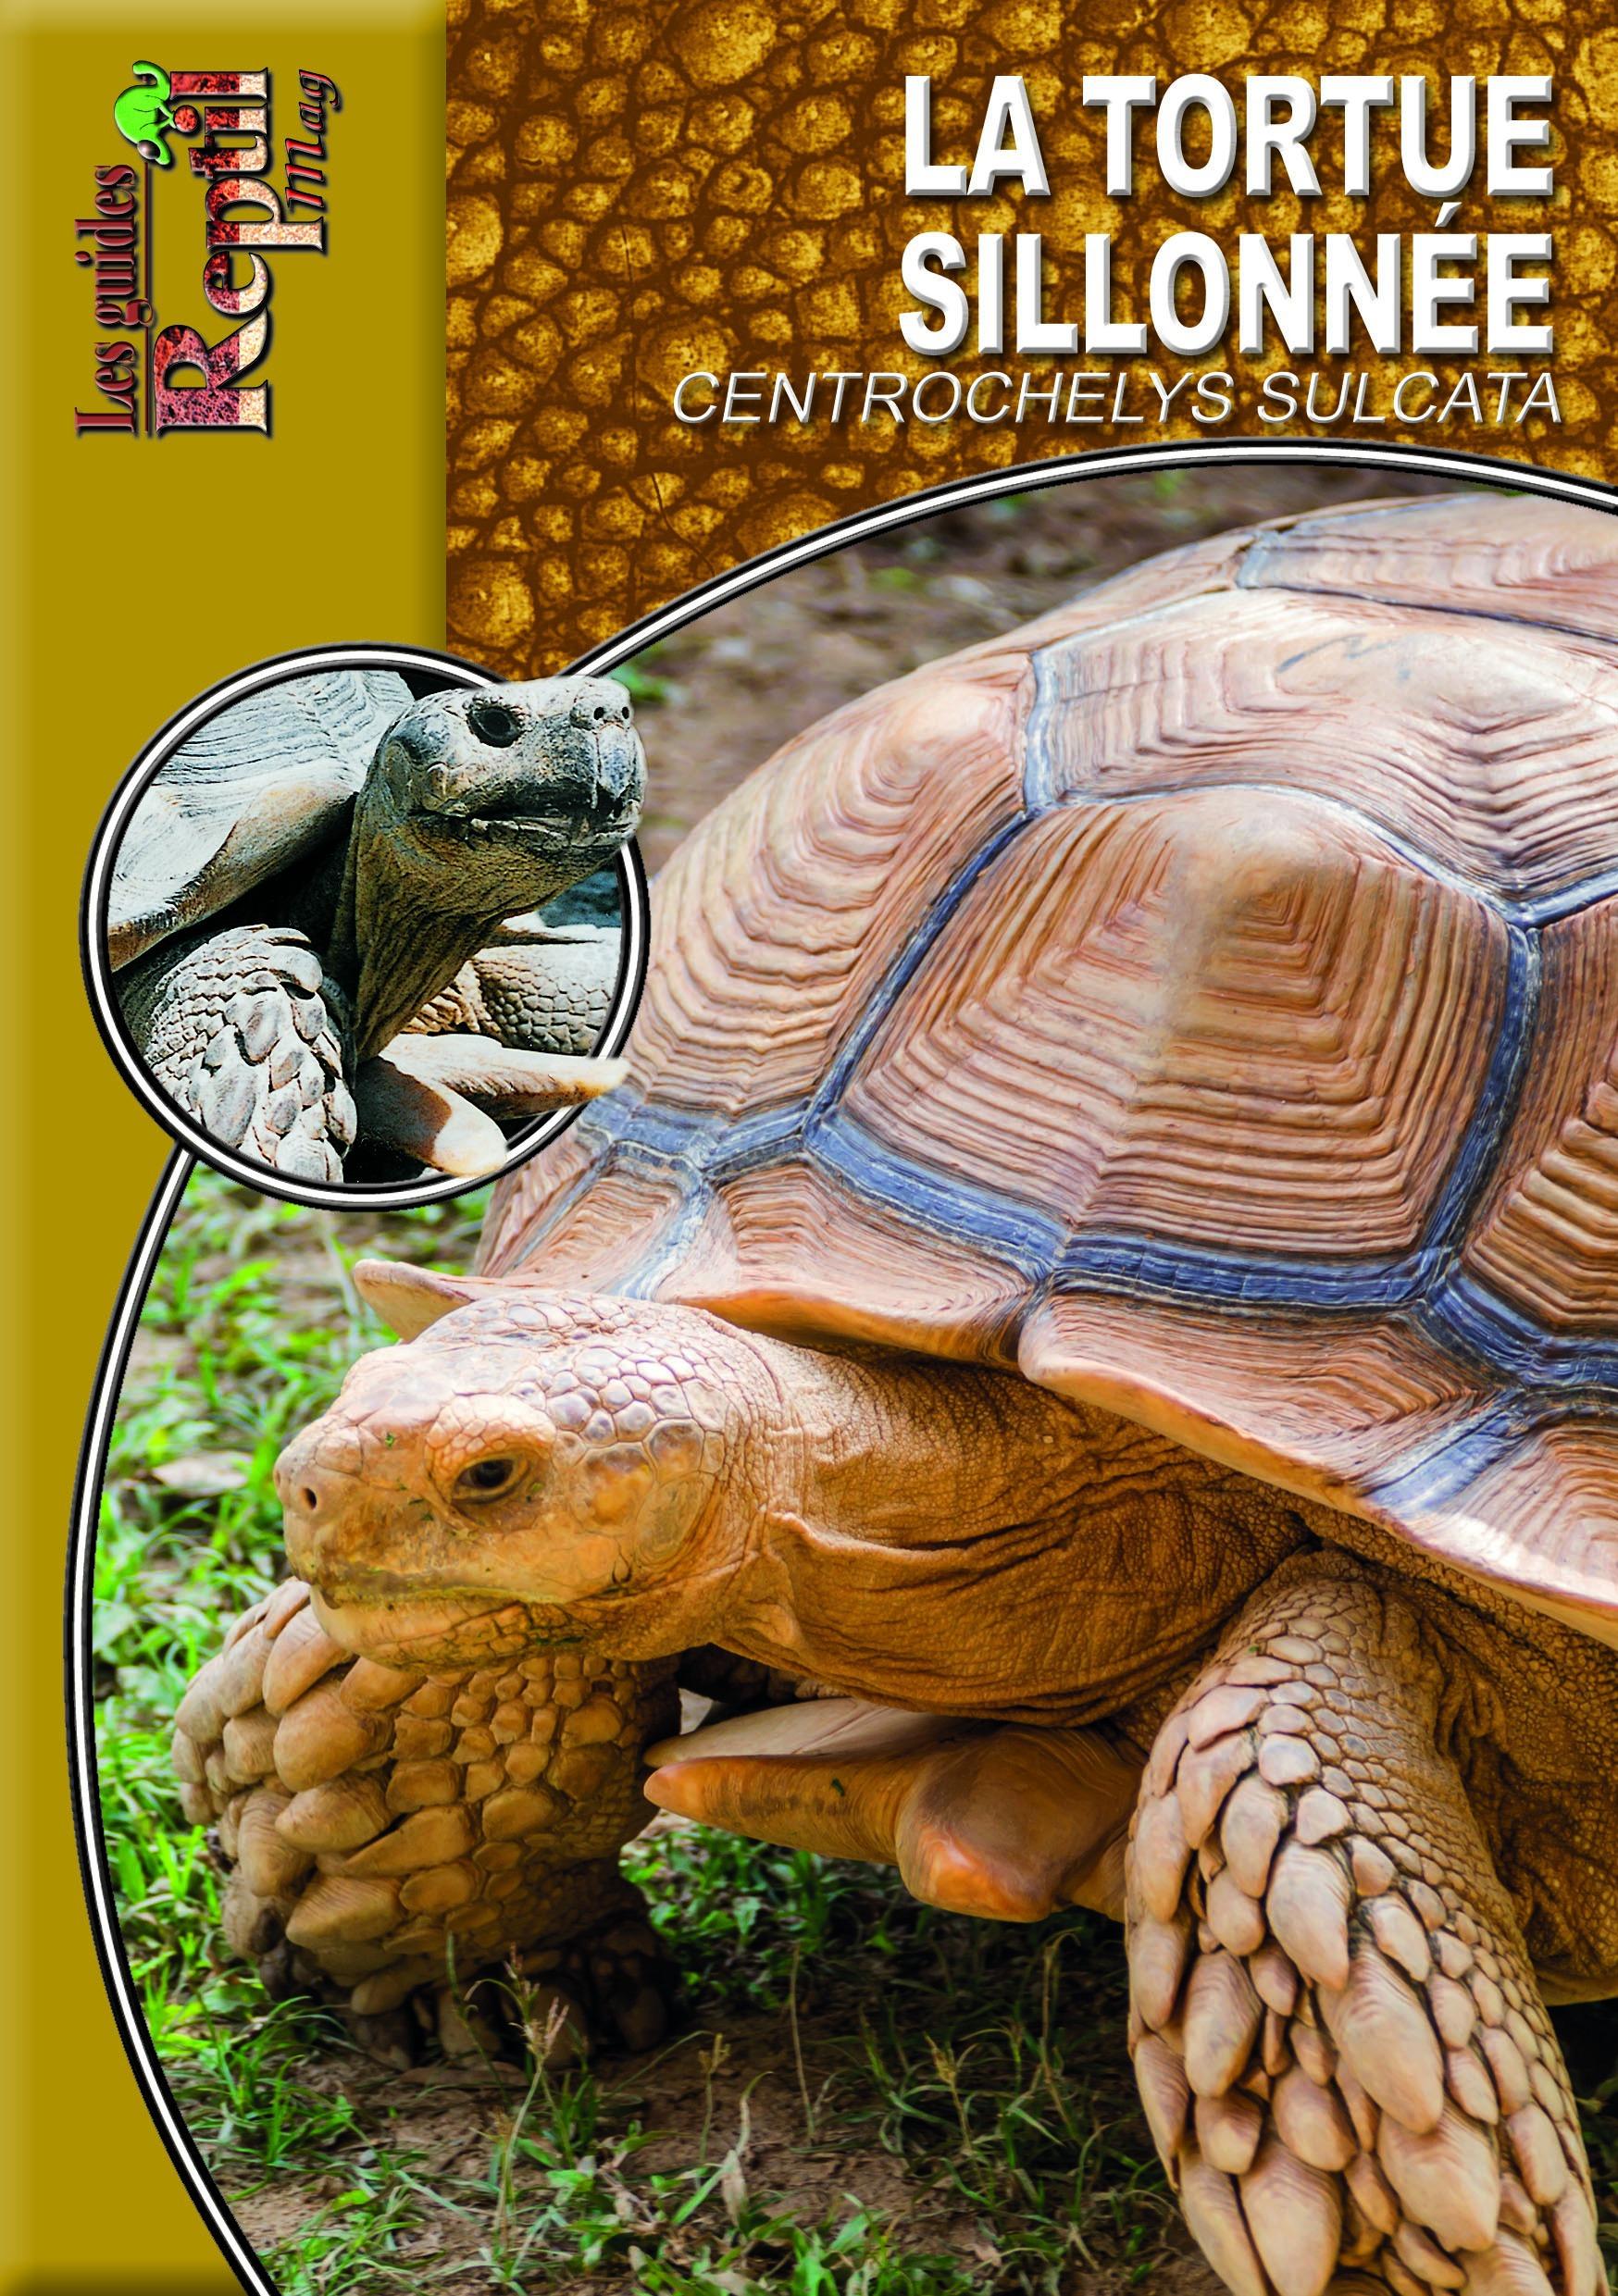 La tortue sillonnée ; centrochelys sulcata